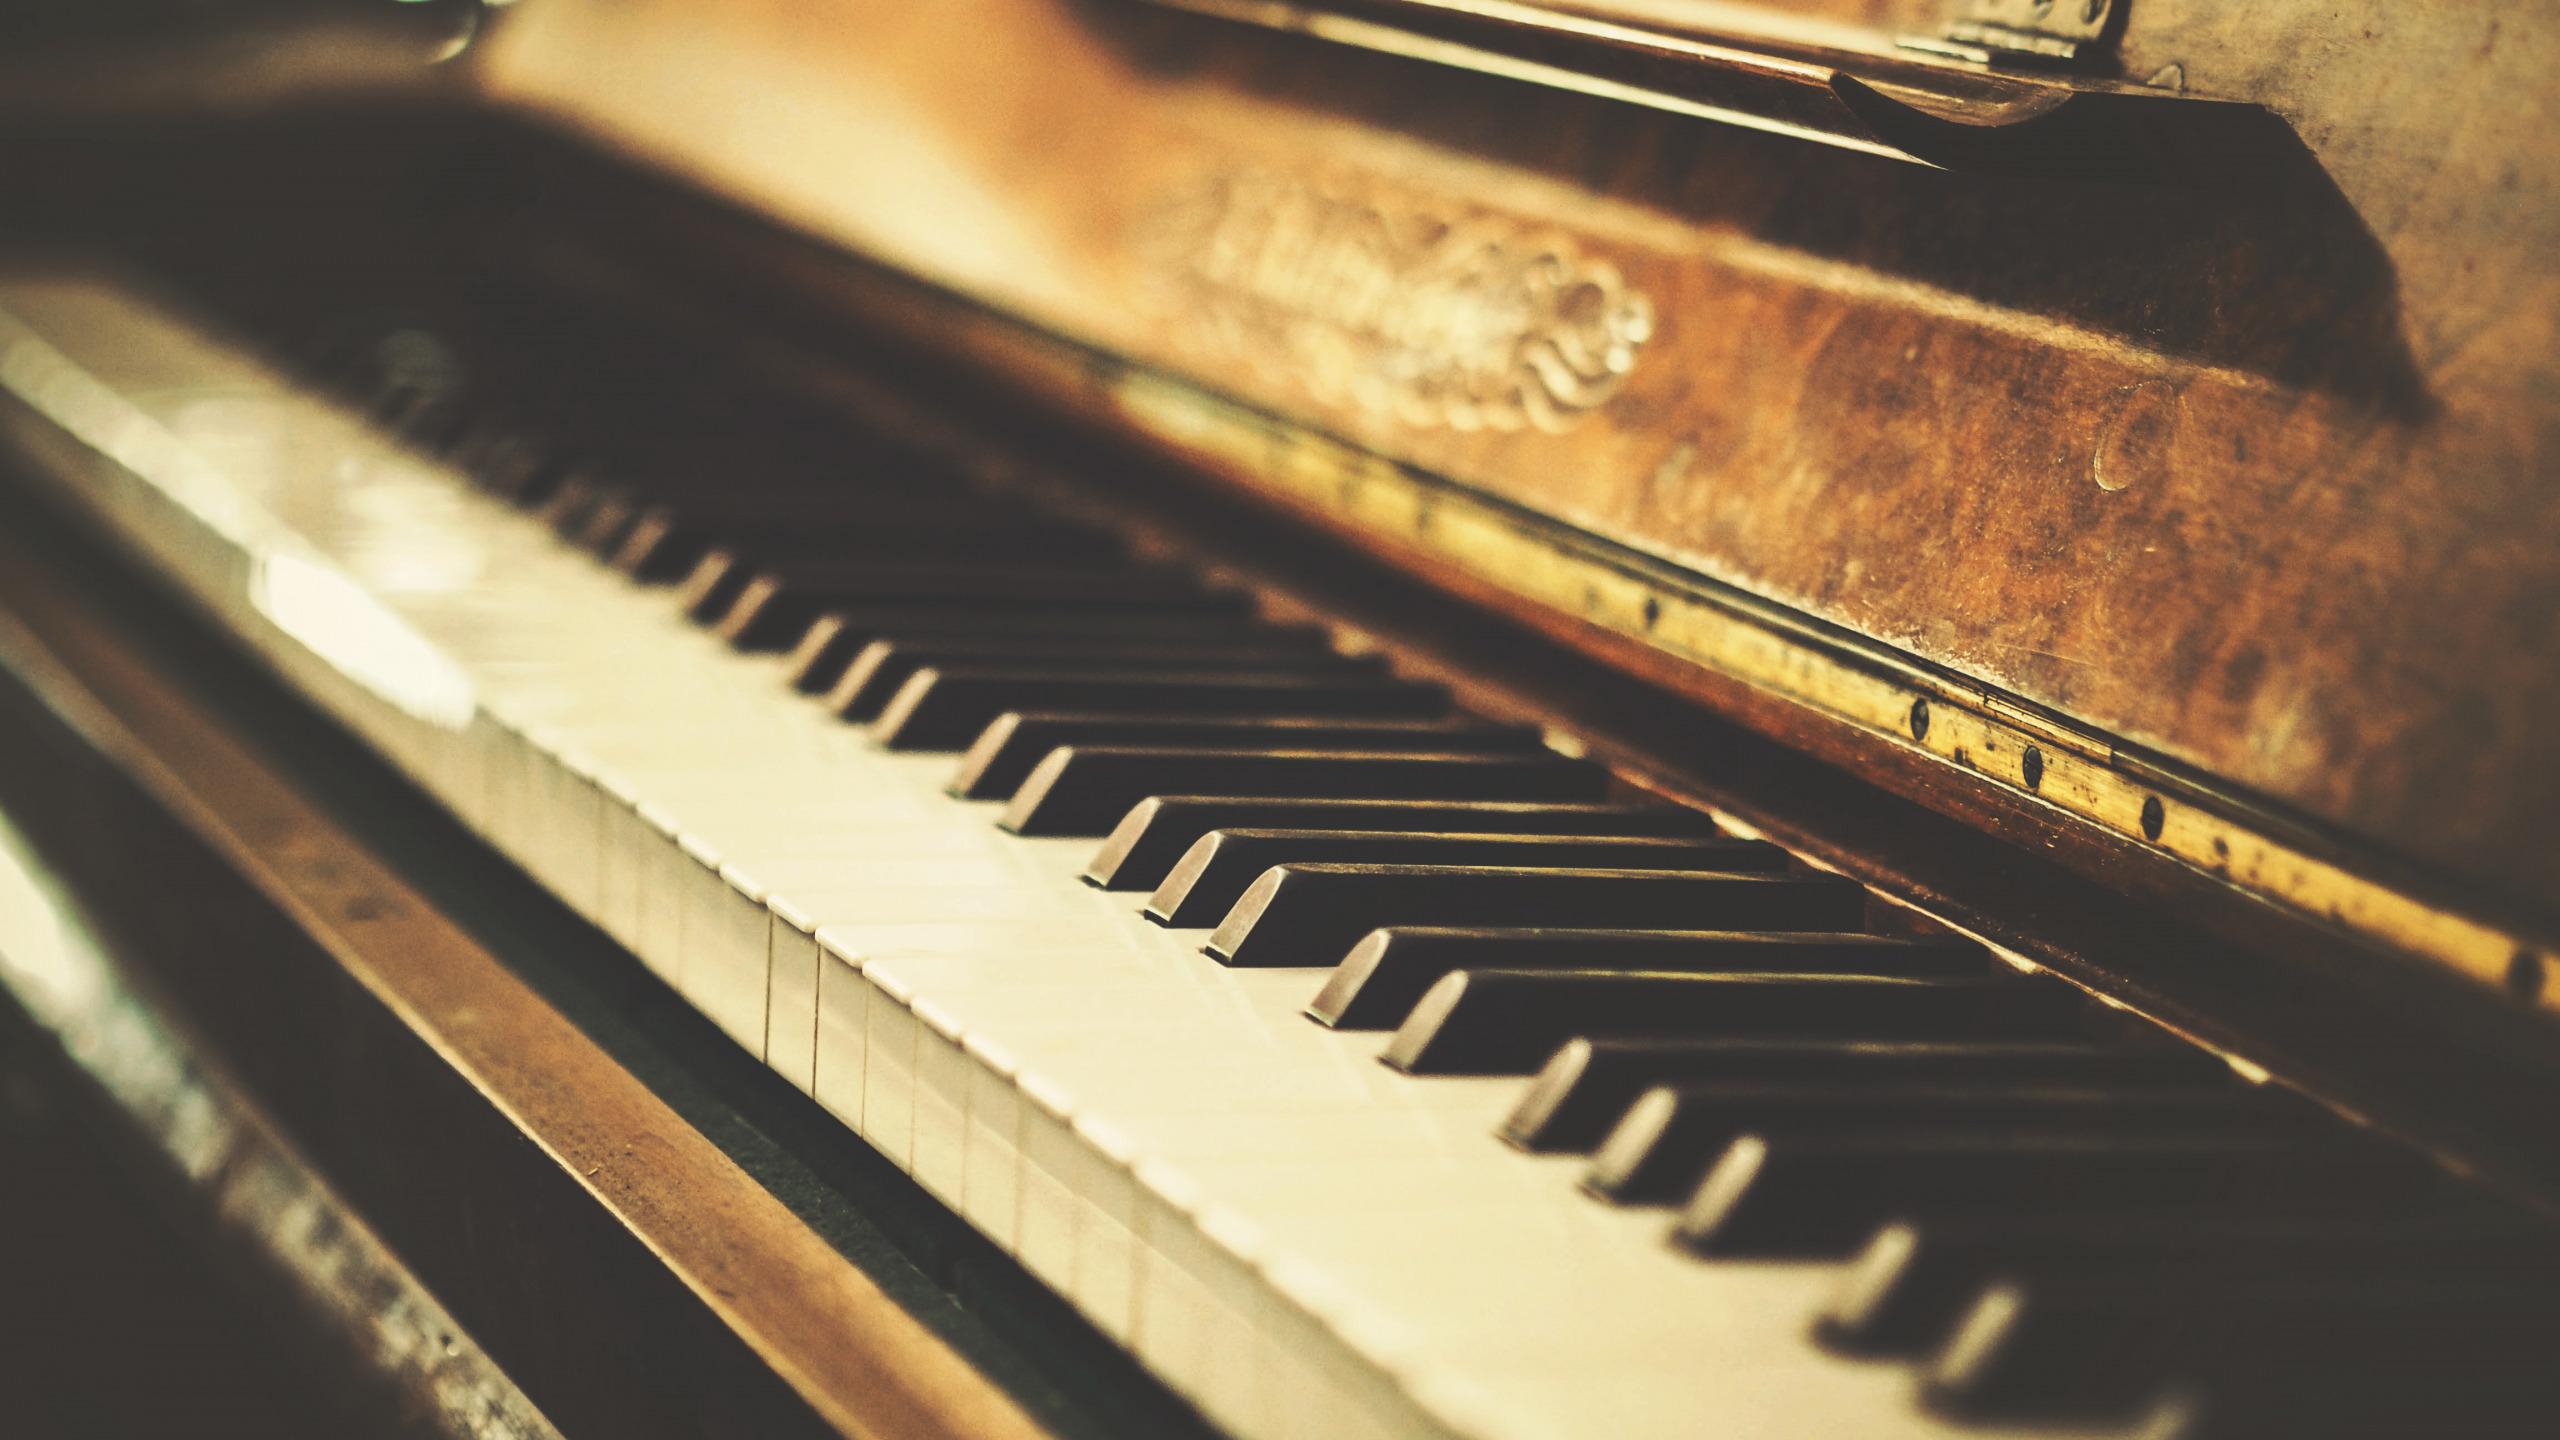 Piano Wallpaper Hd Vintage